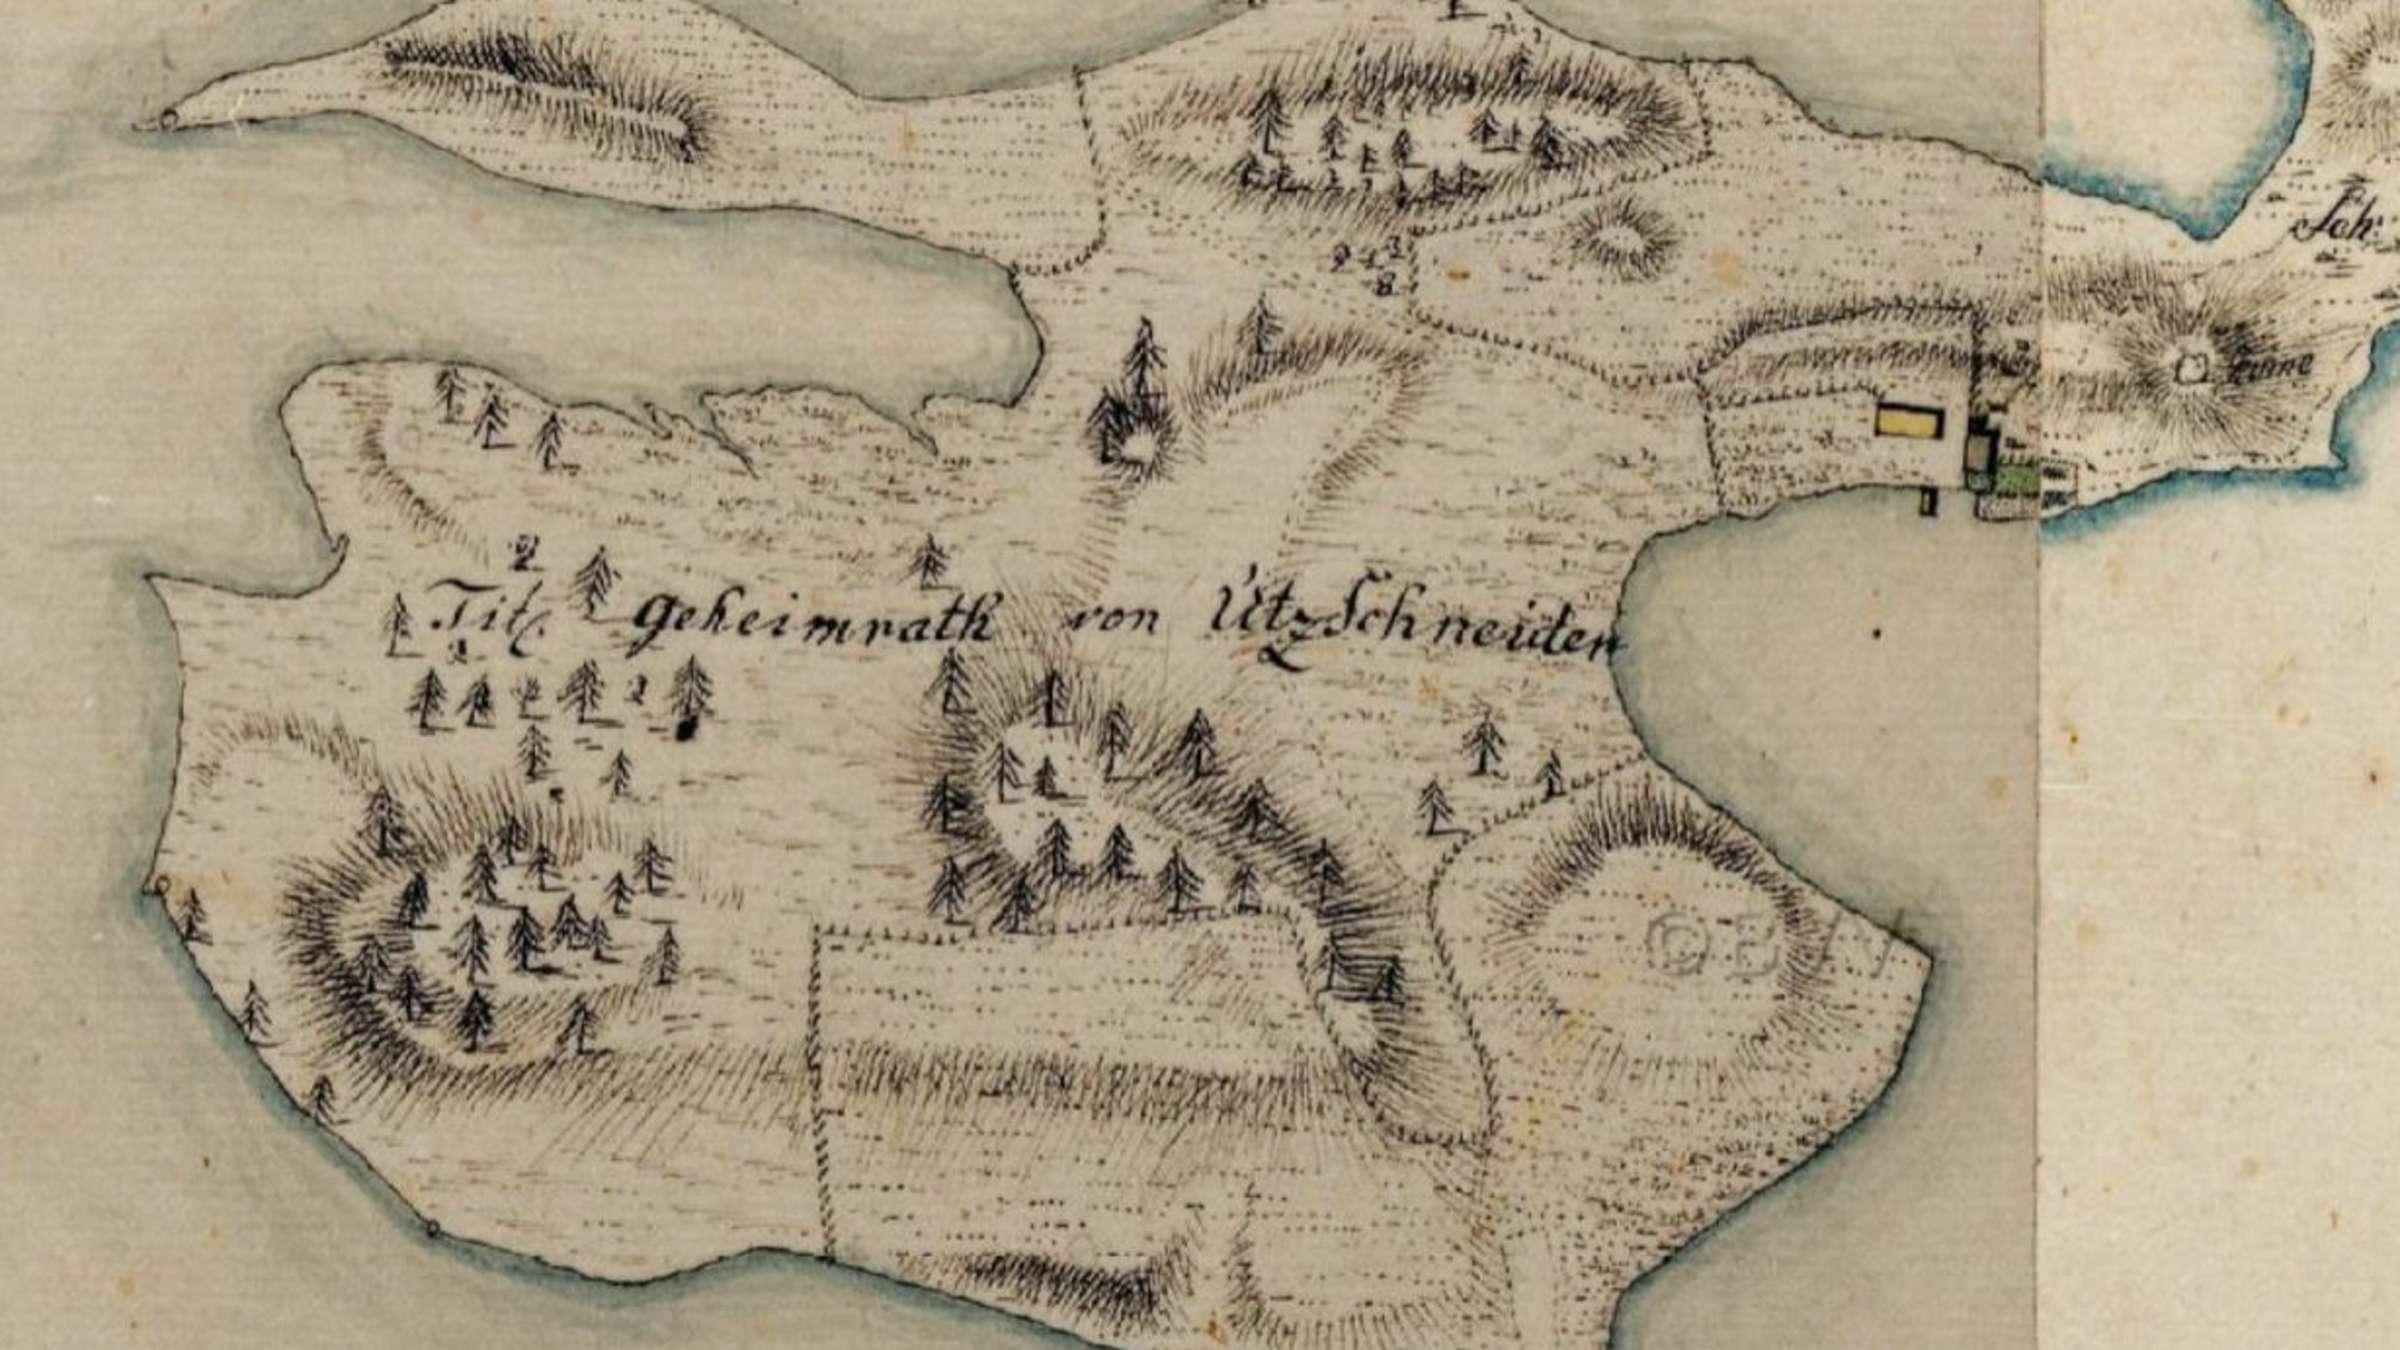 Landkreis Garmisch Partenkirchen Um 1830 Was Ur Karten Enthullen